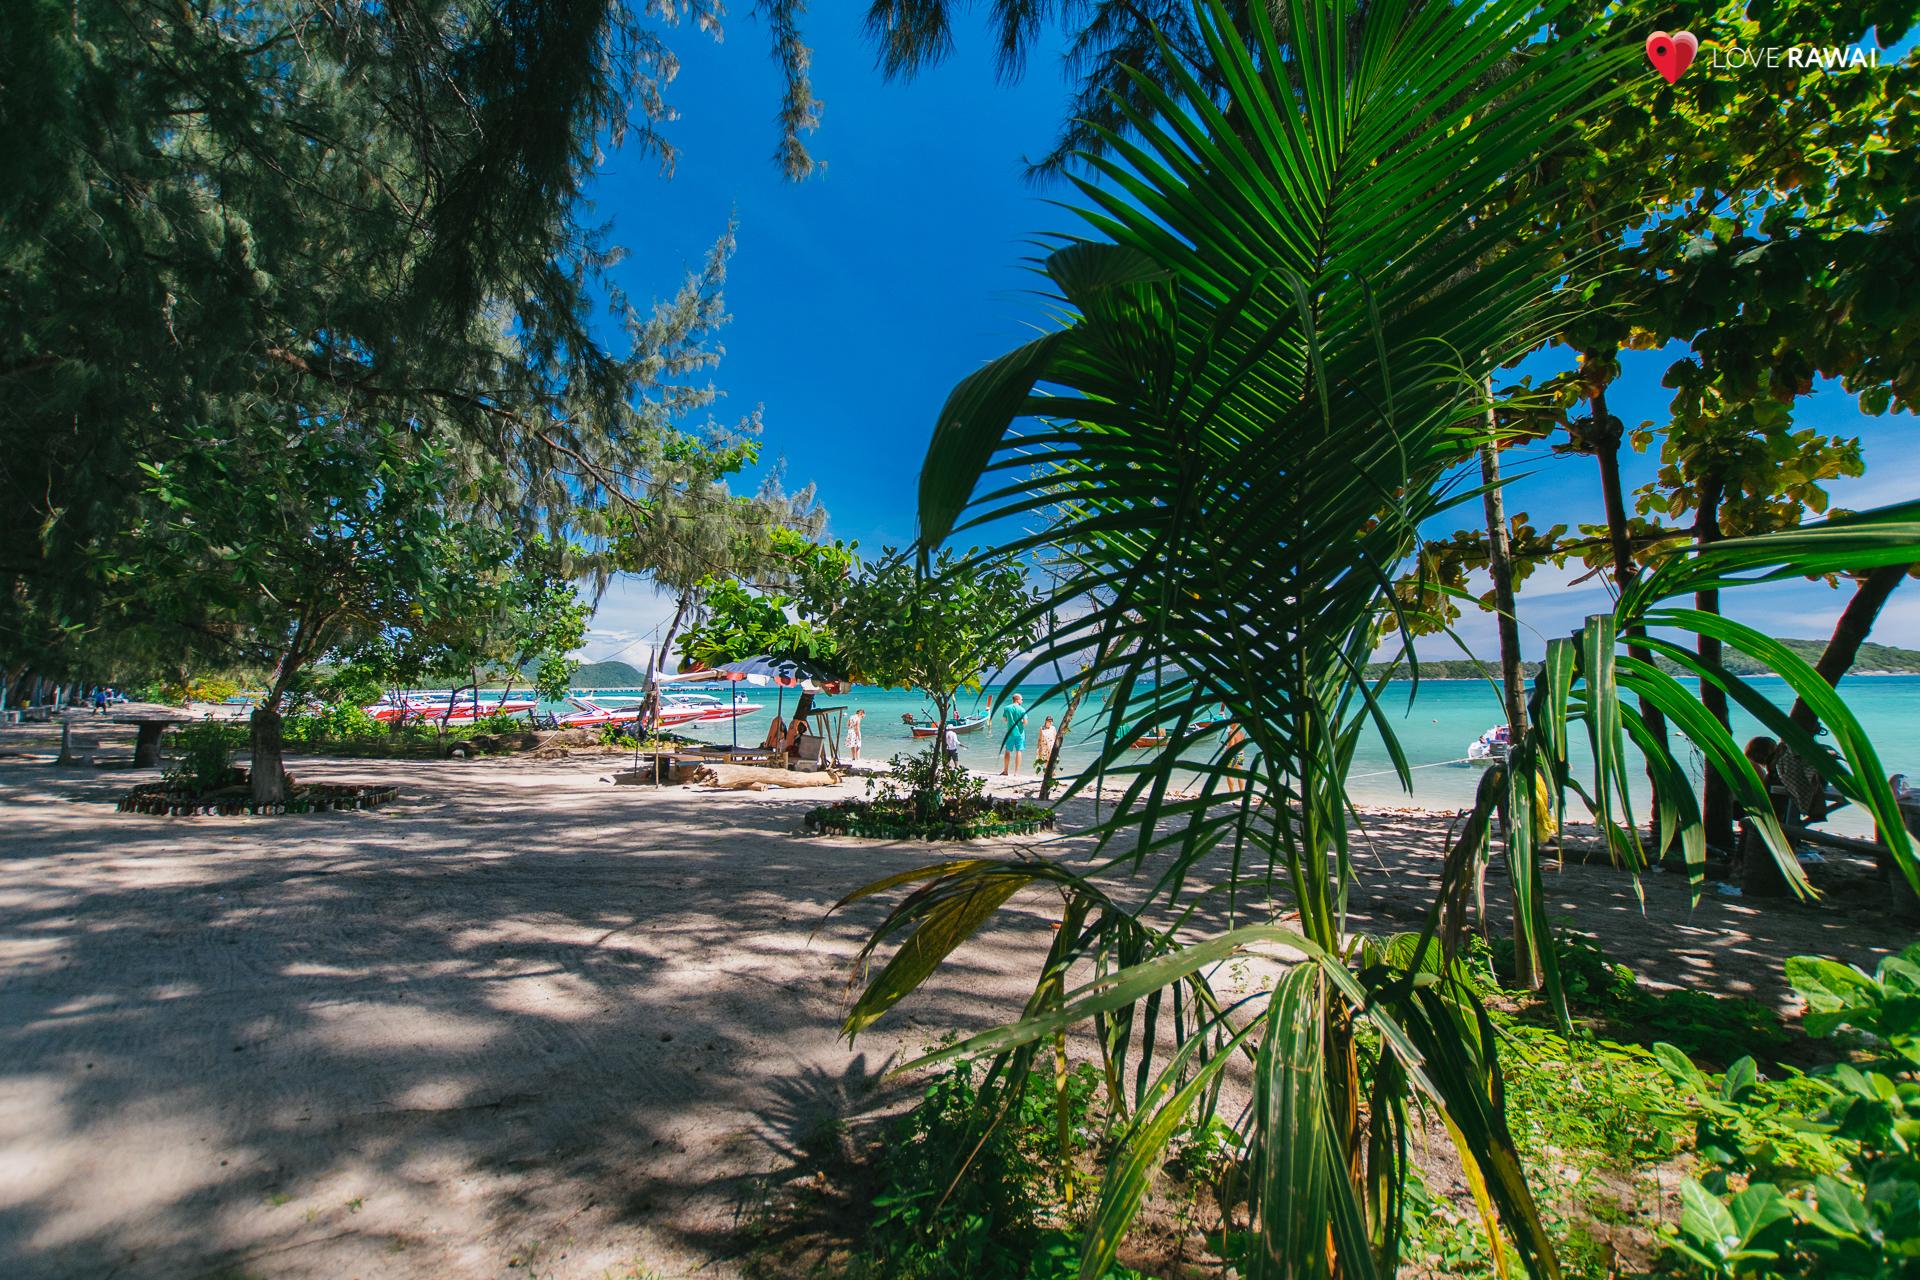 rawai beachfront